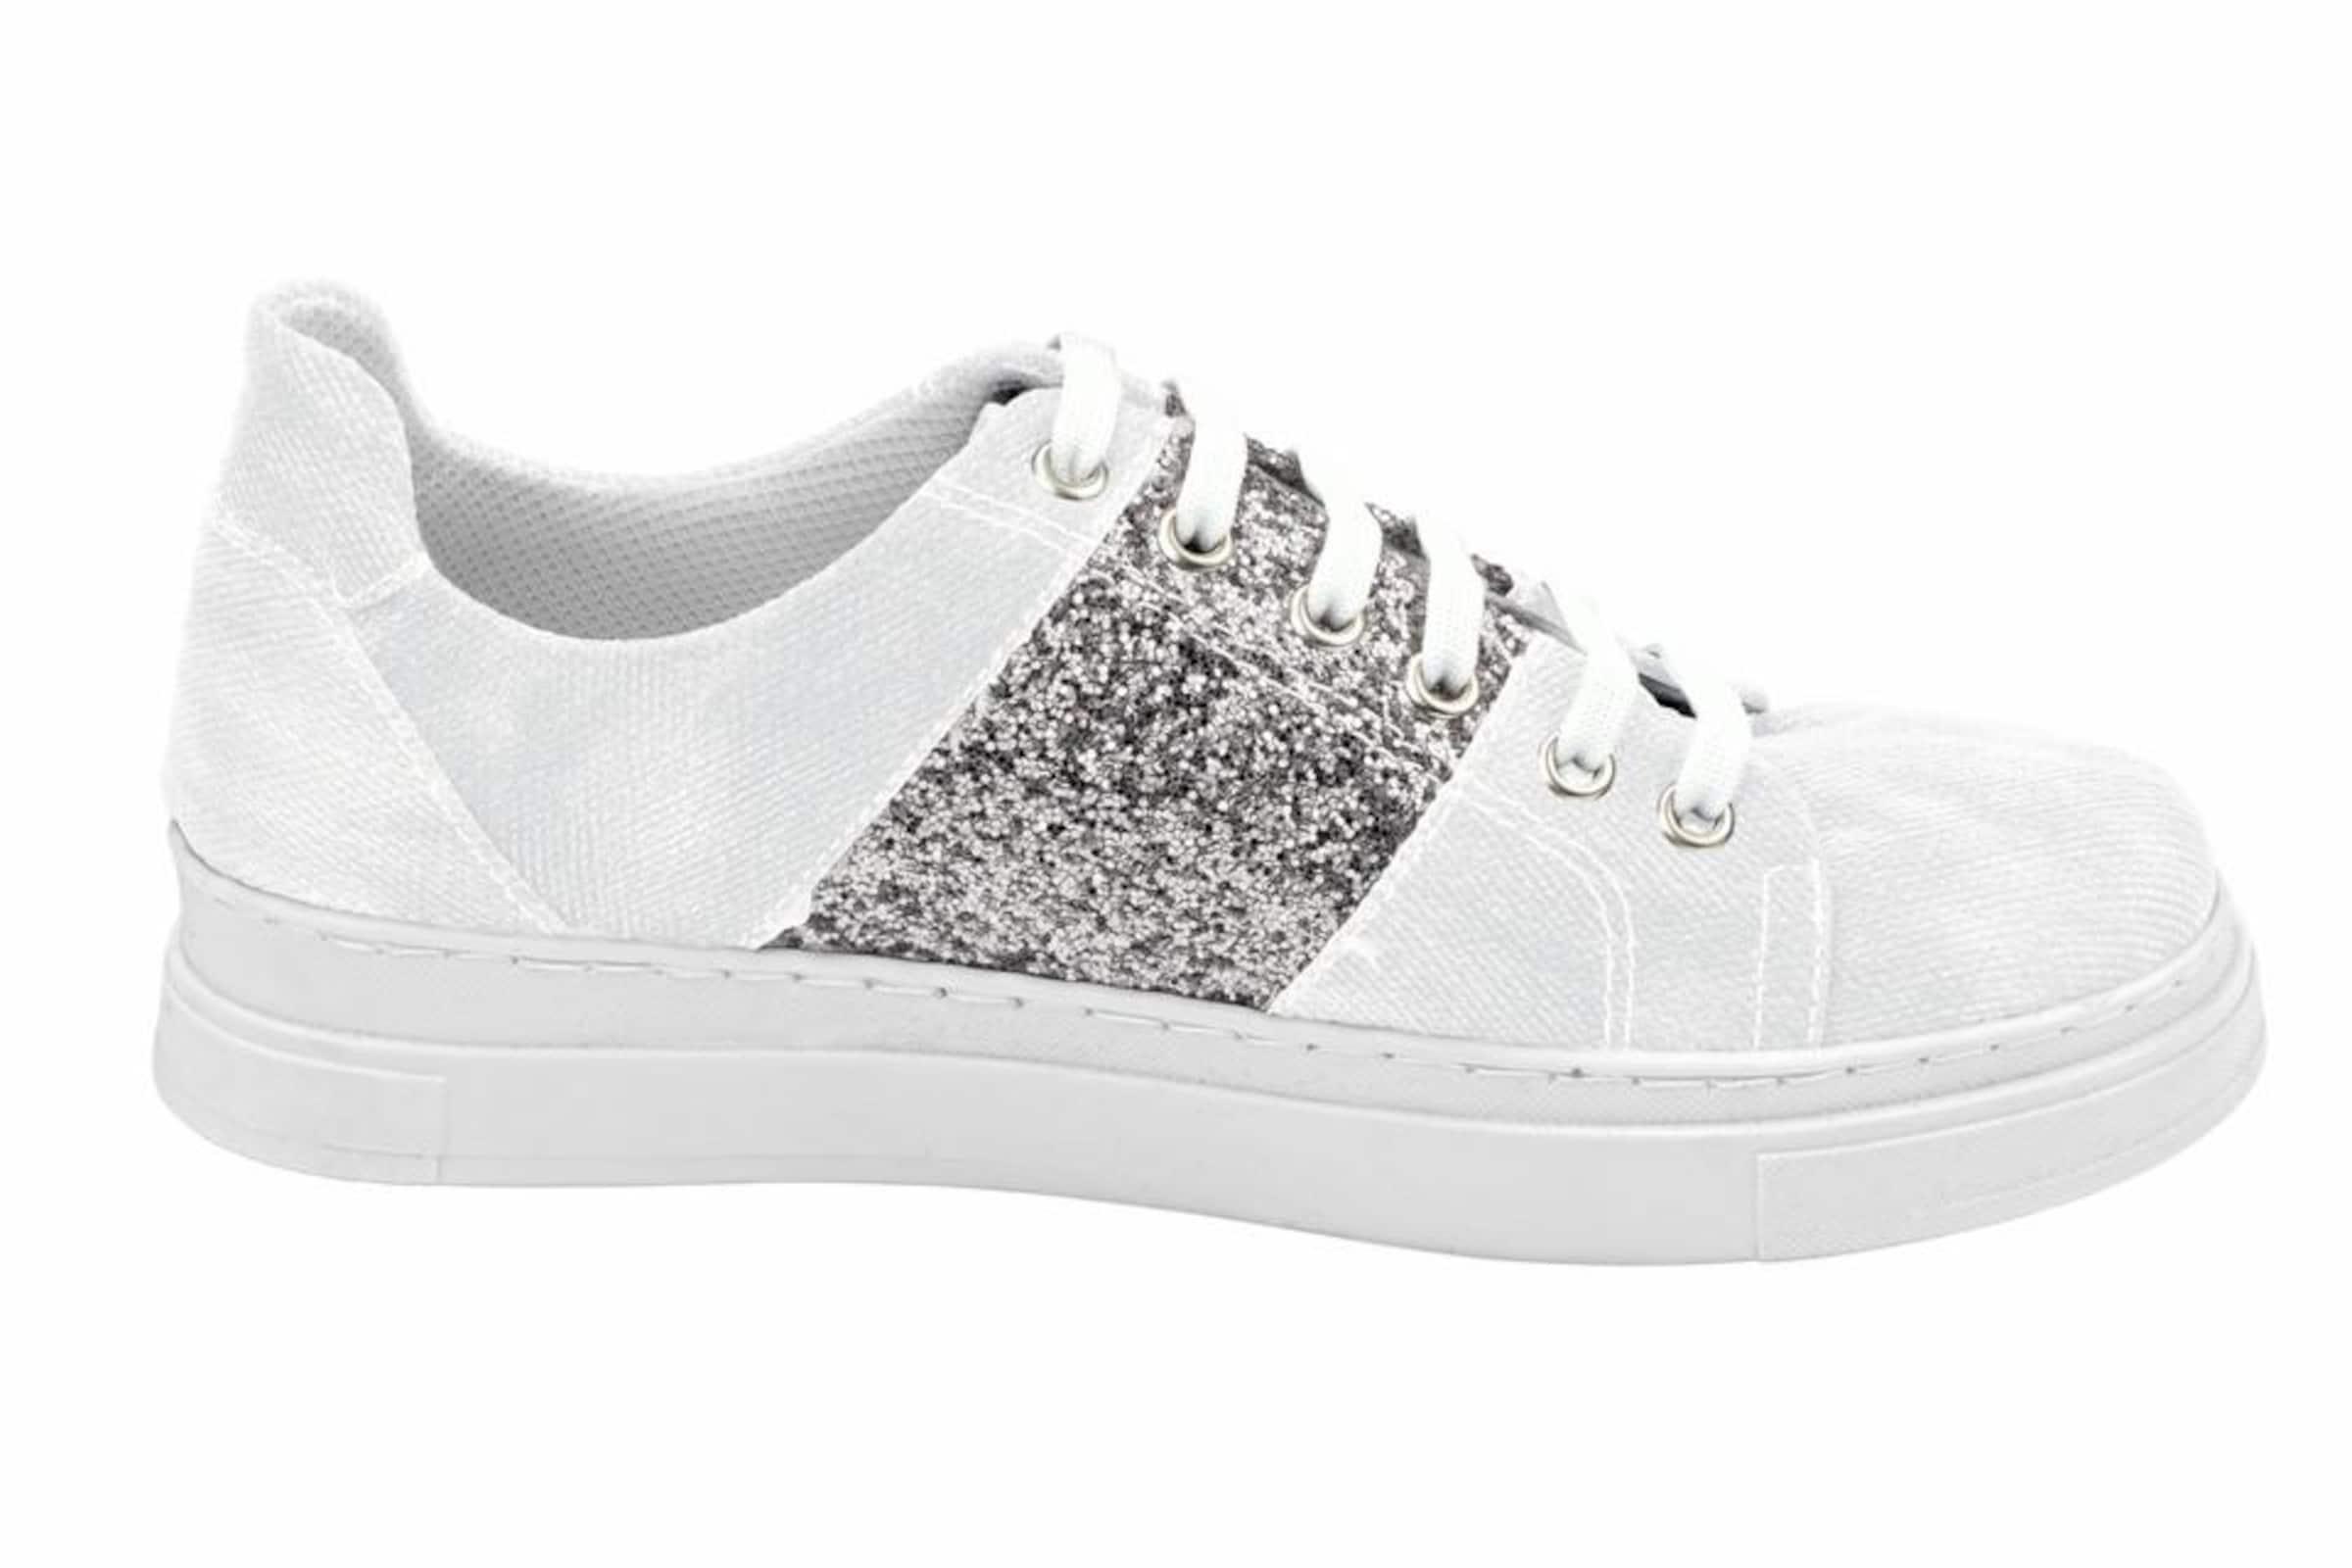 ANDREA CONTI Sneaker Rabatt Footaction Original- Freies Verschiffen Bilder Einkaufen Genießen GKBMsuYm